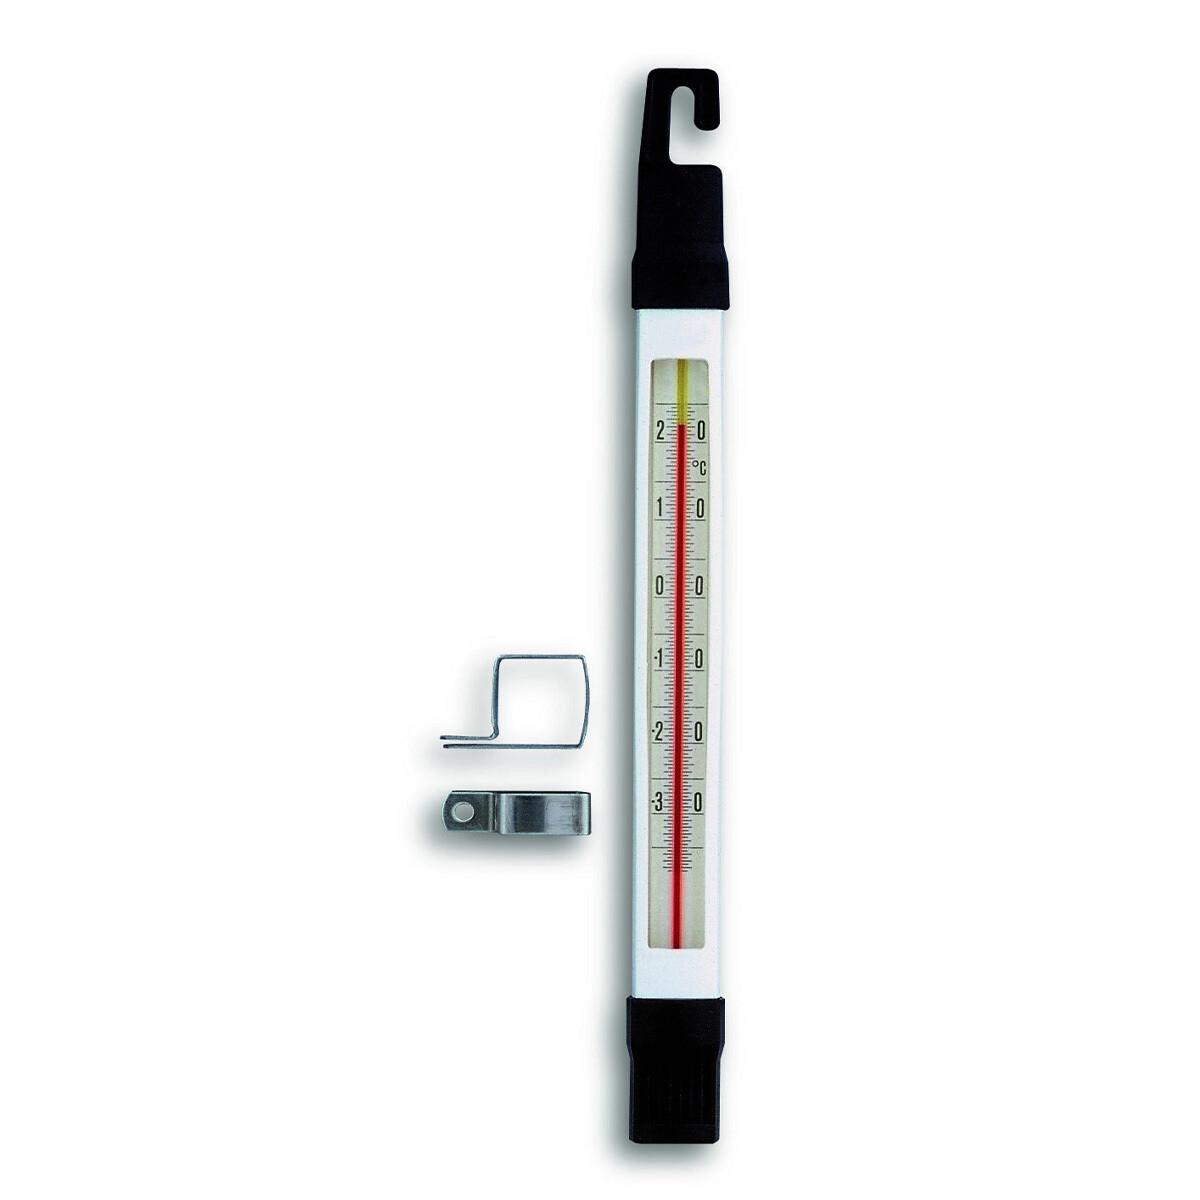 Analoges Kühlthermometer mit ISO Zertifikat und EN13485 klassifiziert